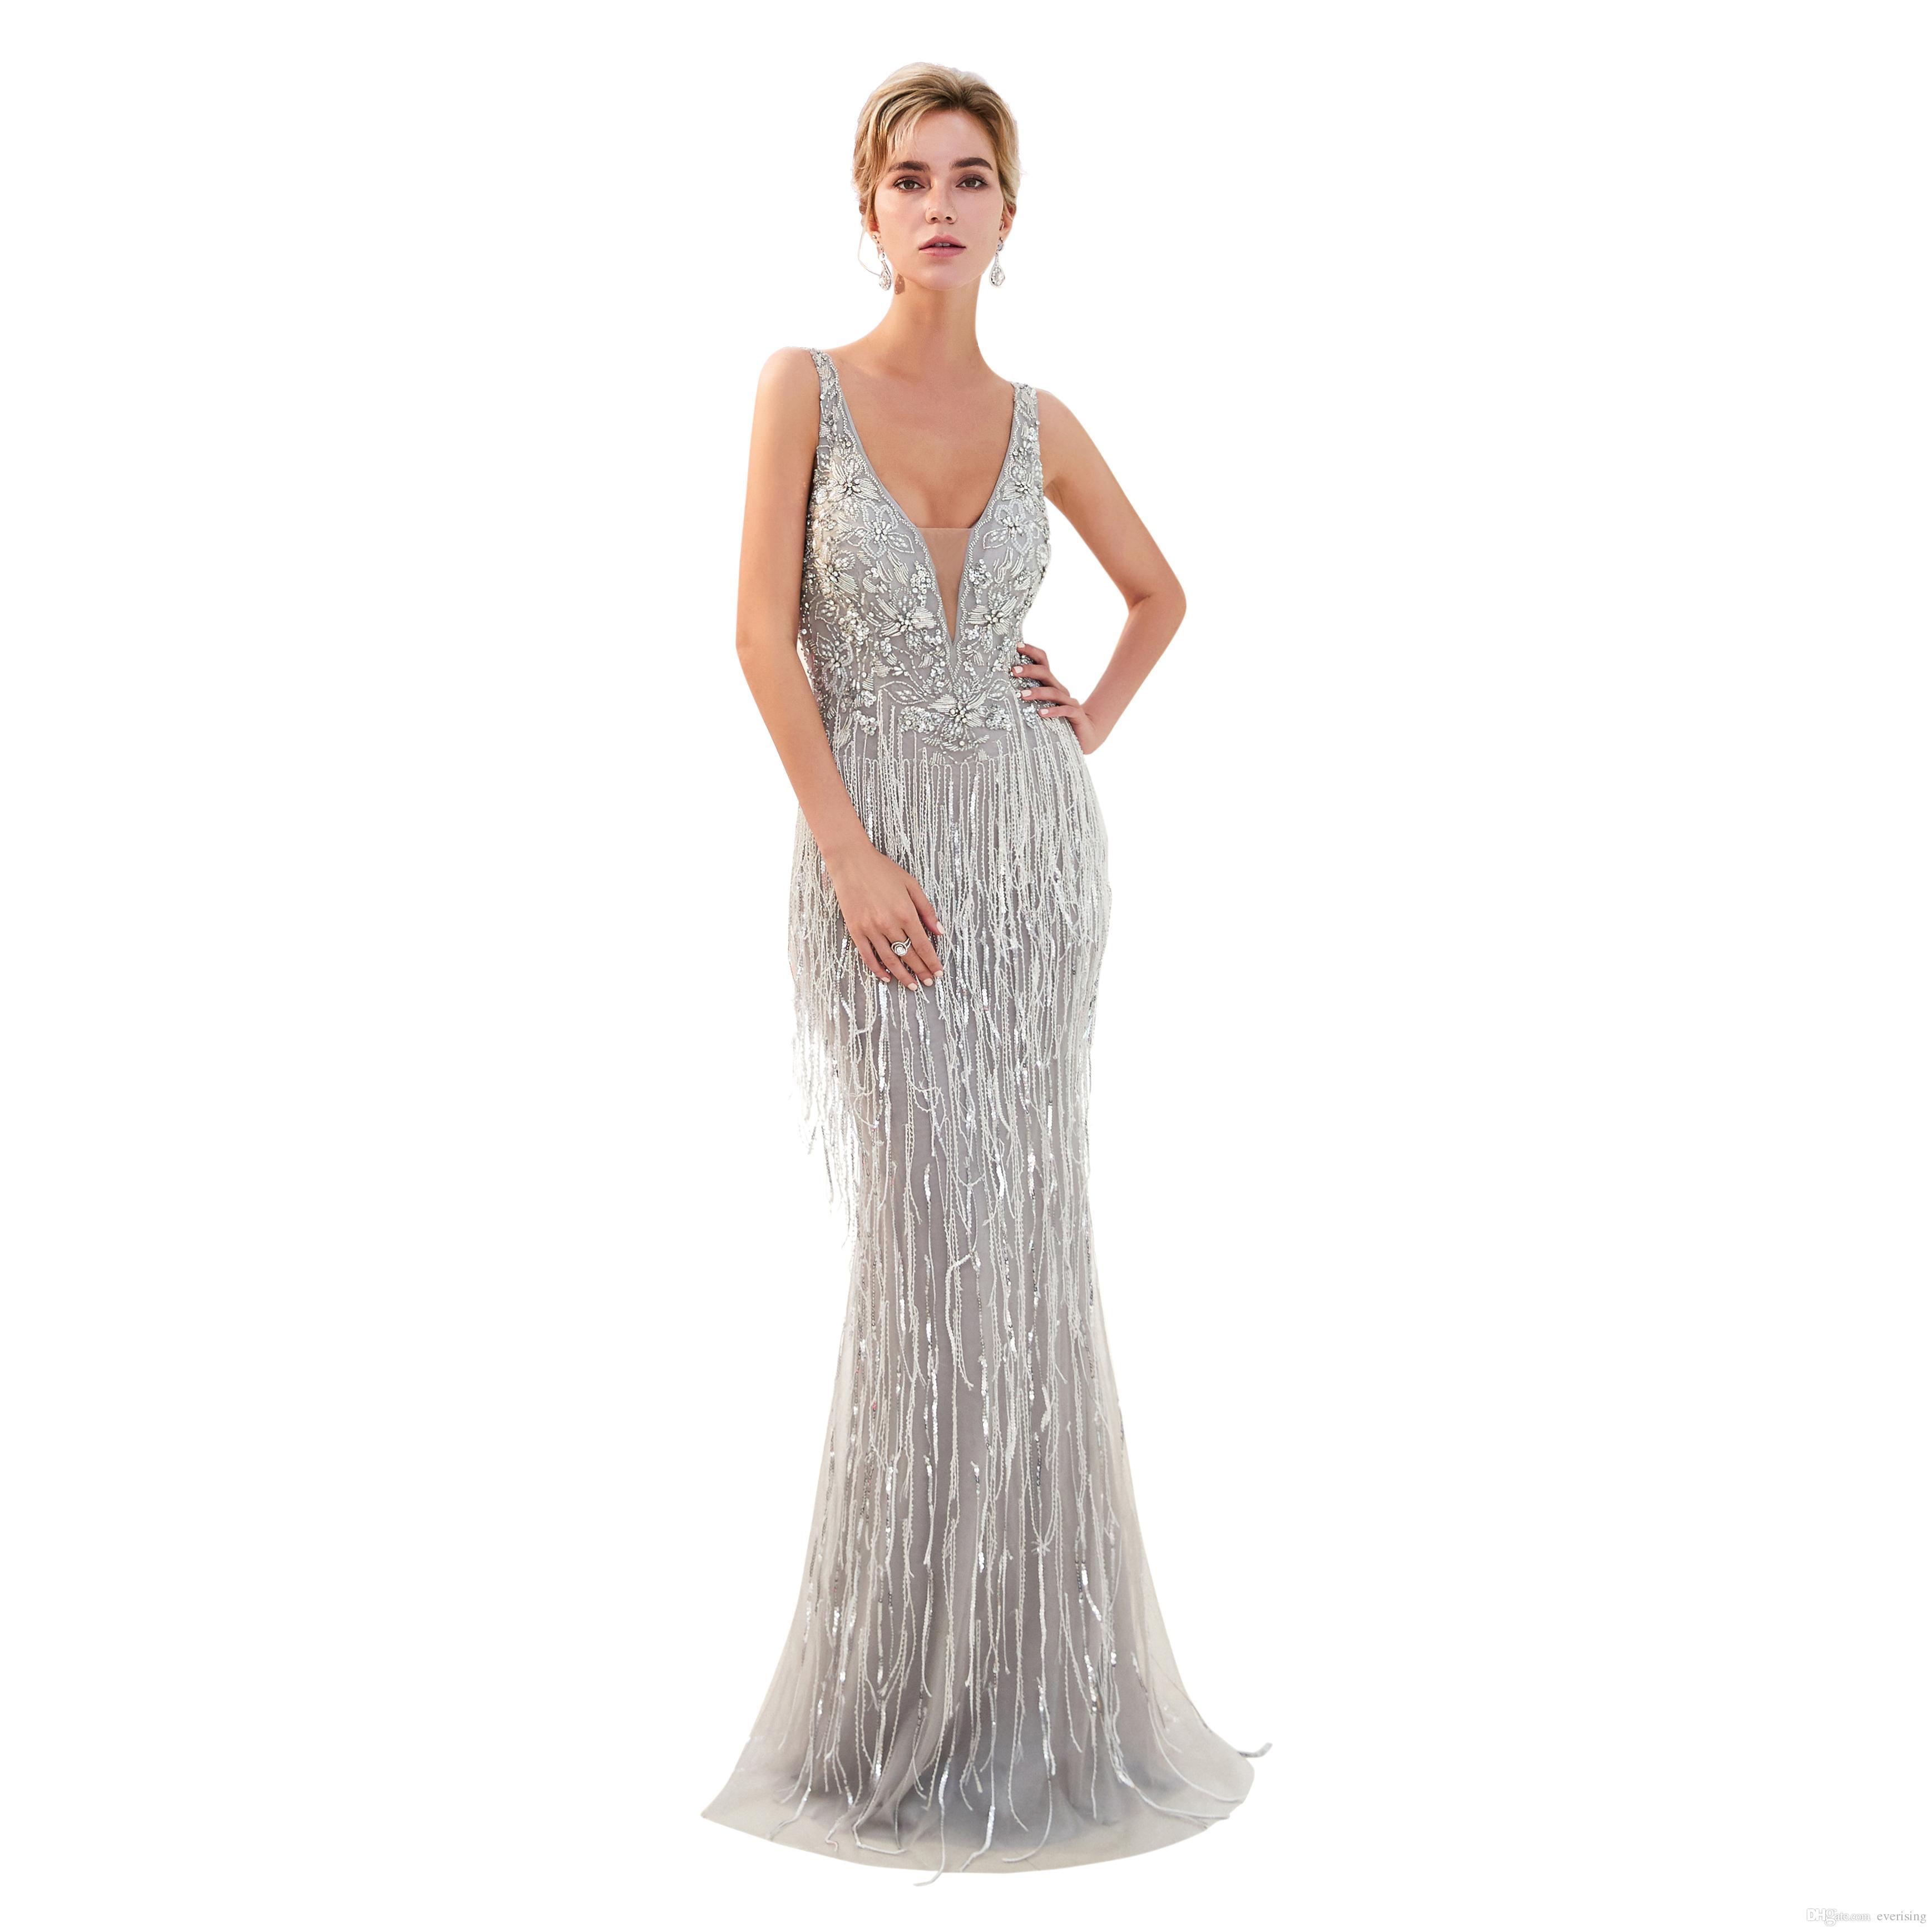 80bf93896e302 Satın Al 2019 Gri Abiye Boncuklu Akşam Elbise Kadın Parti Elbiseler V Yaka  Tüy Elbiseler Lüks Yeni Varış, $214.08 | DHgate.Com'da